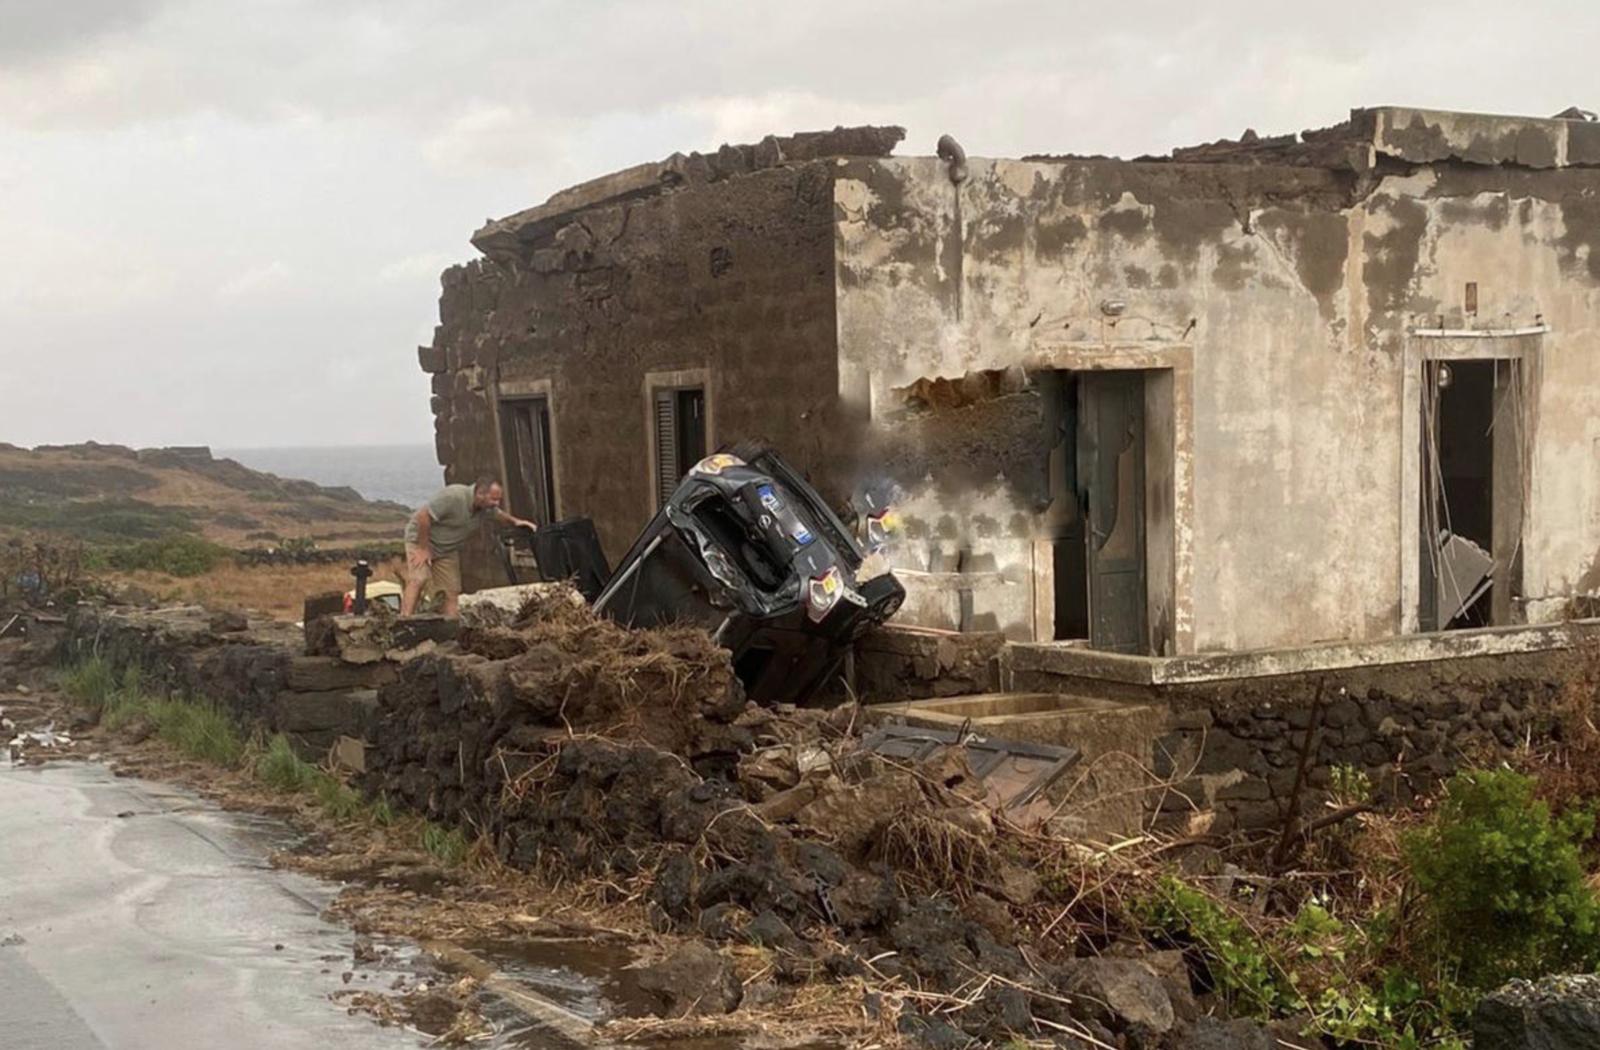 Un'auto scaraventata contro il muro di una casa dalla tromba d'aria che ha colpito Pantelleria